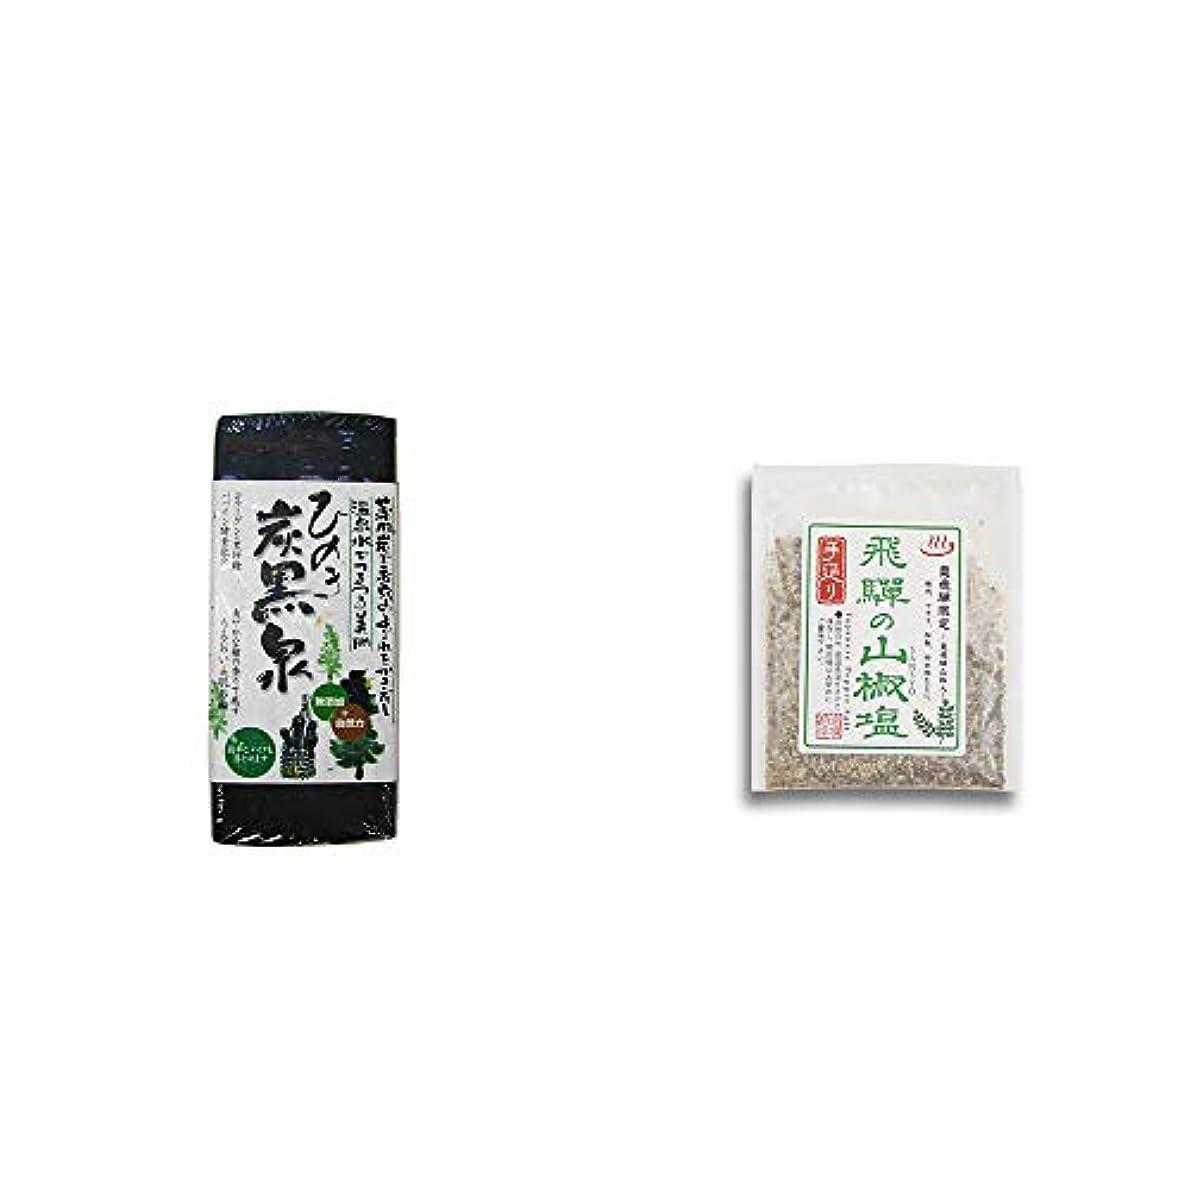 仮装モニカ赤[2点セット] ひのき炭黒泉(75g×2)?手造り 飛騨の山椒塩(40g)